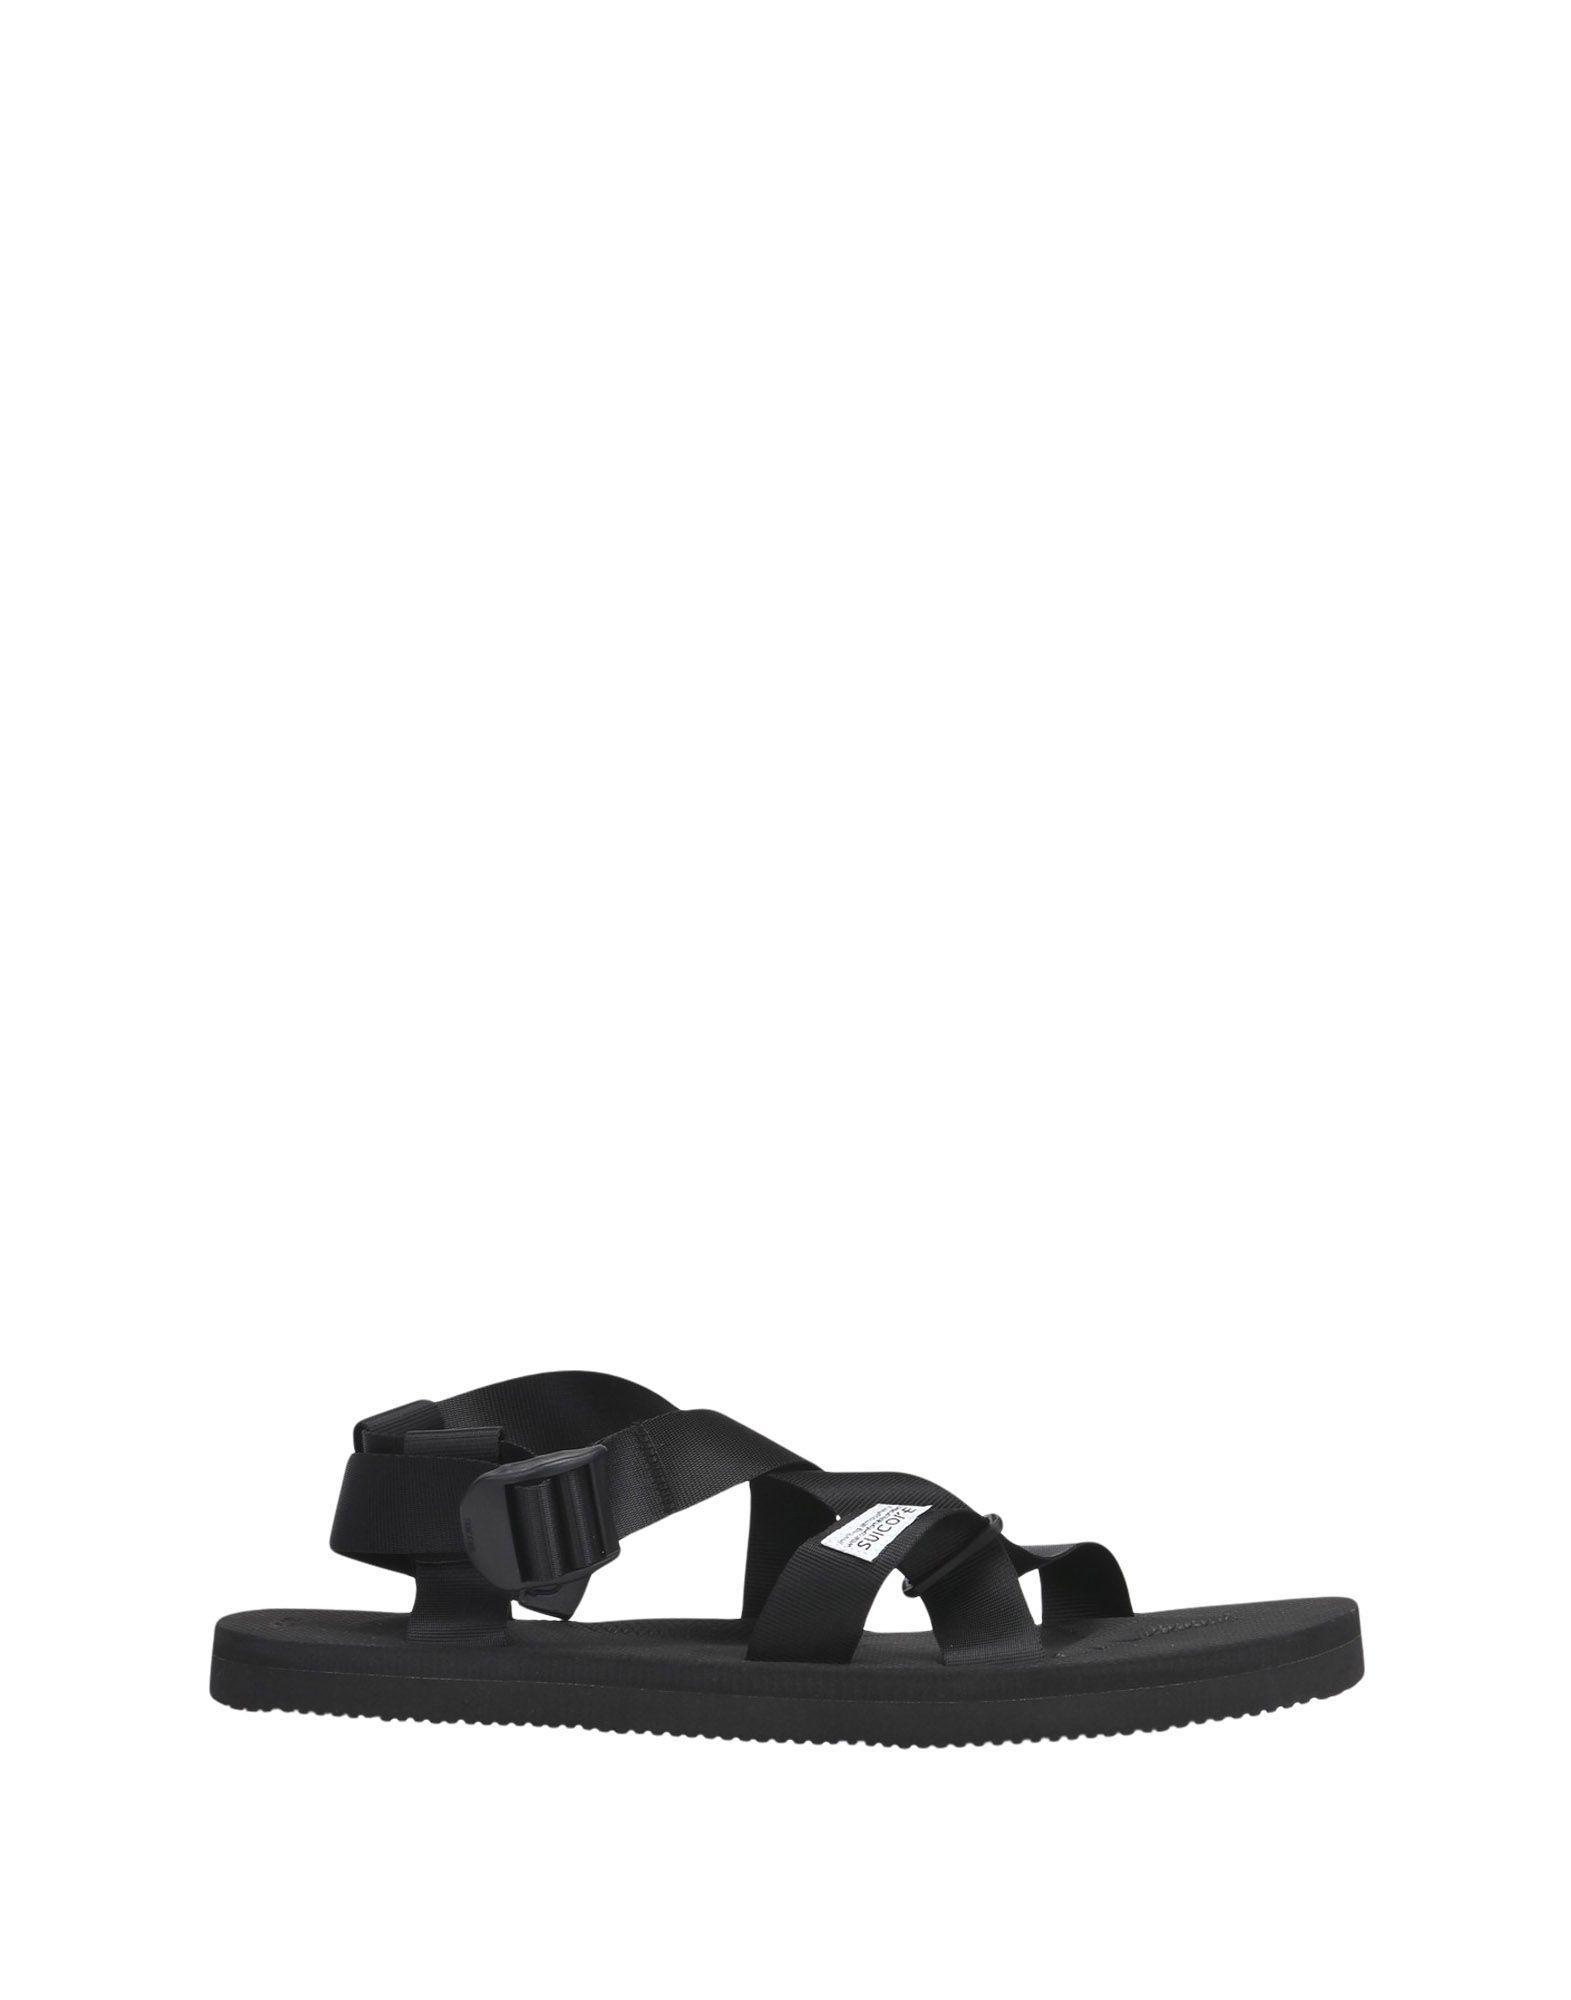 333f937a08fd Lyst - Suicoke Sandals in Black for Men